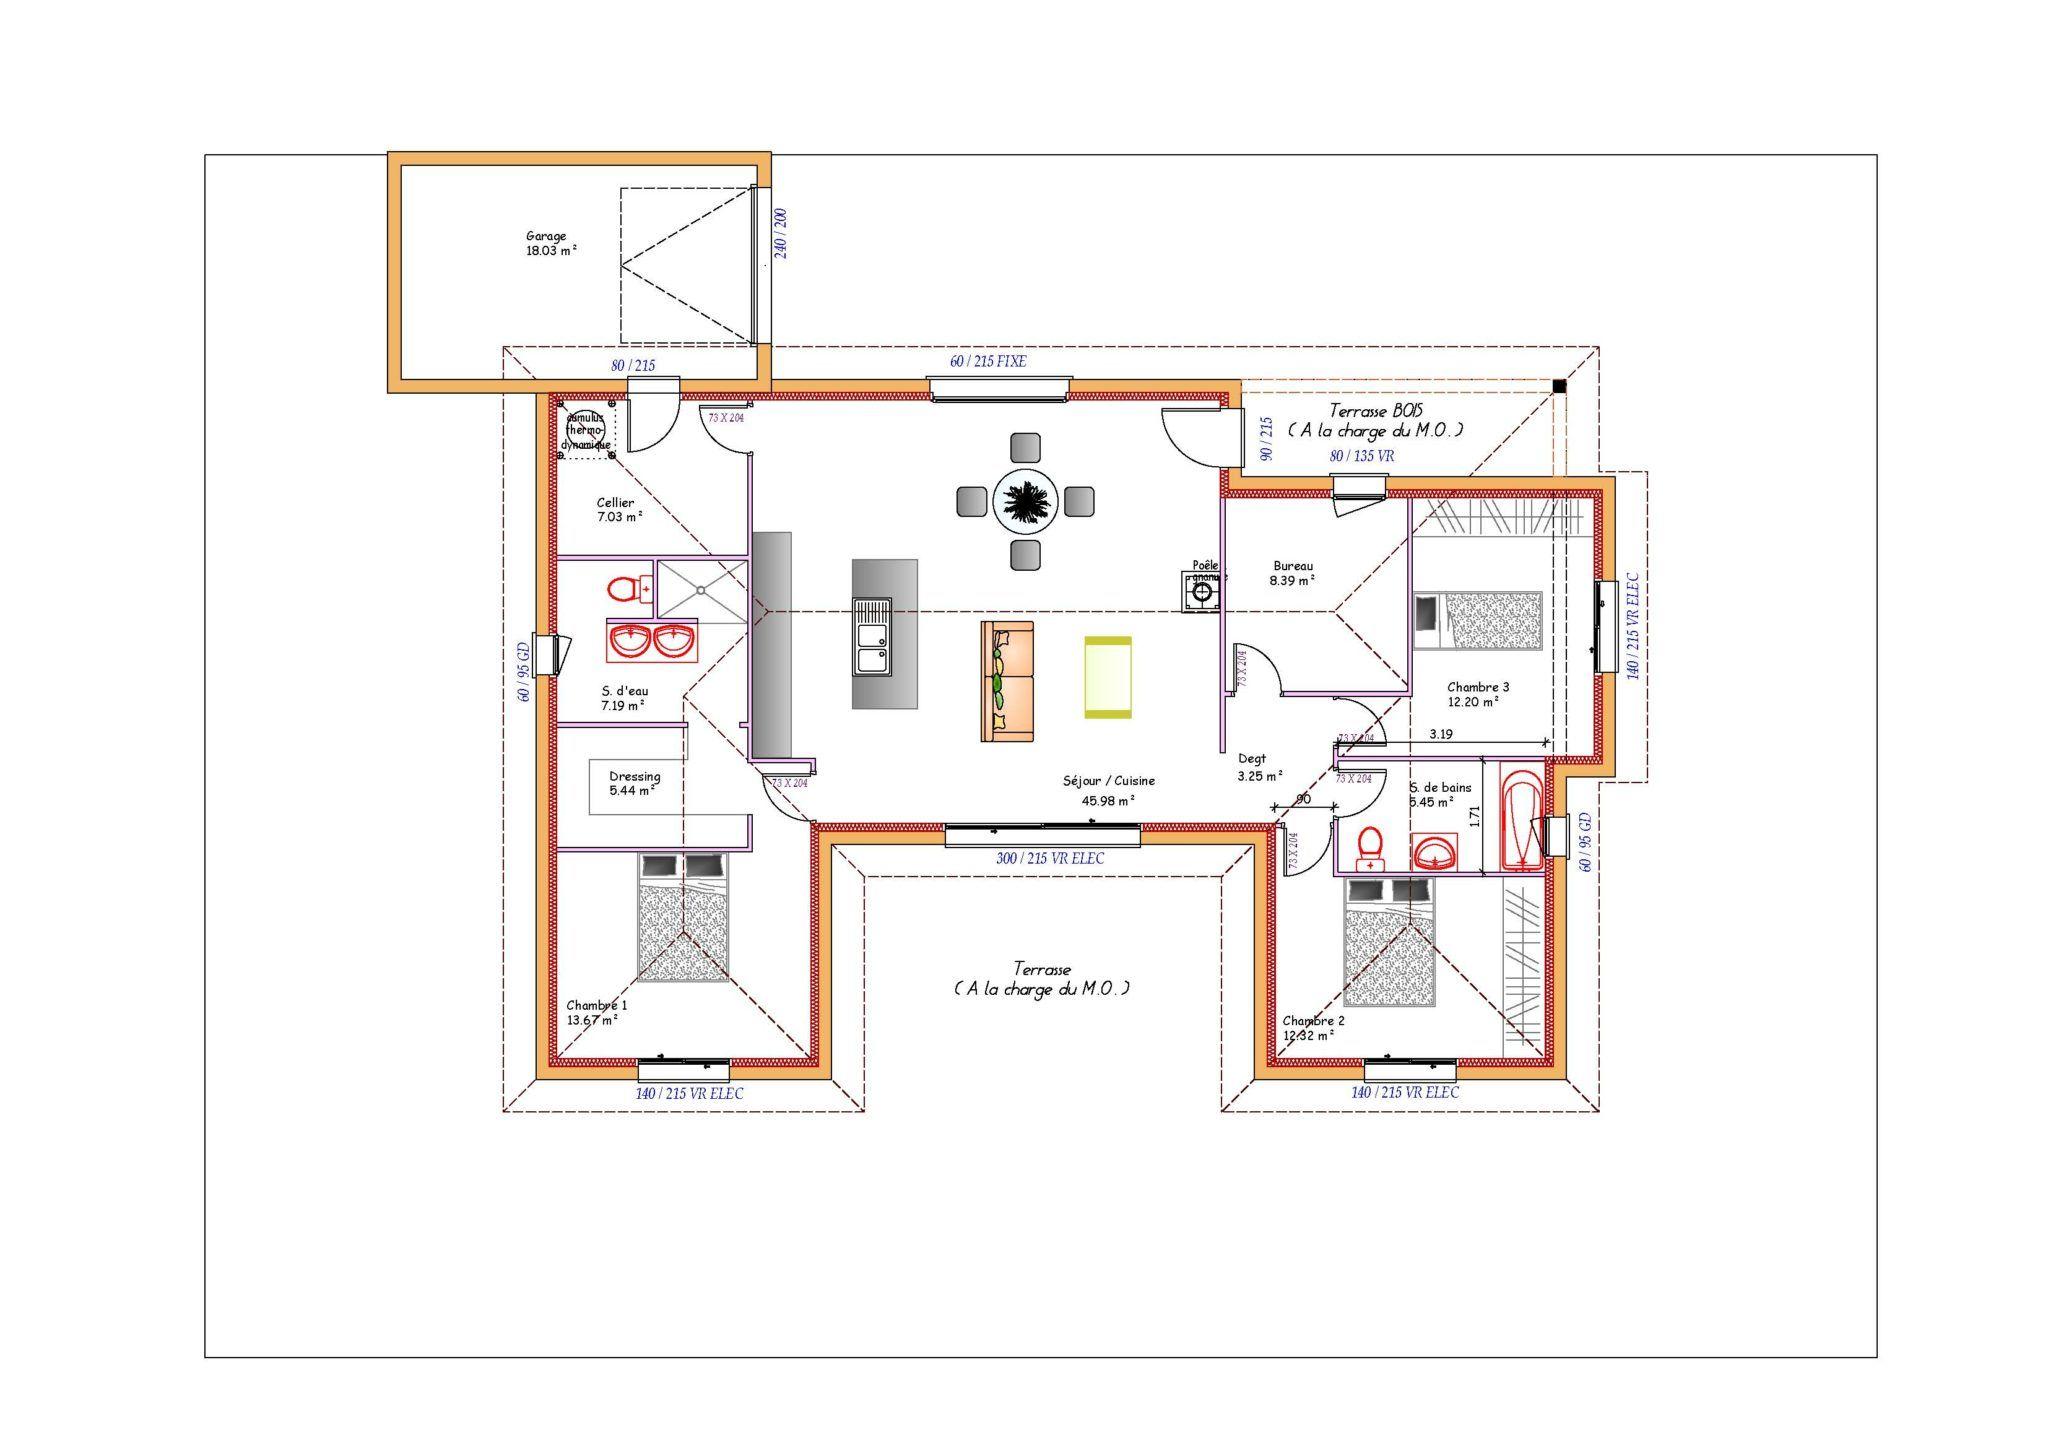 Plan Maison Toit Plat good plan maison en l 100m2 #2 - plan maison en u ouvert 224 toit